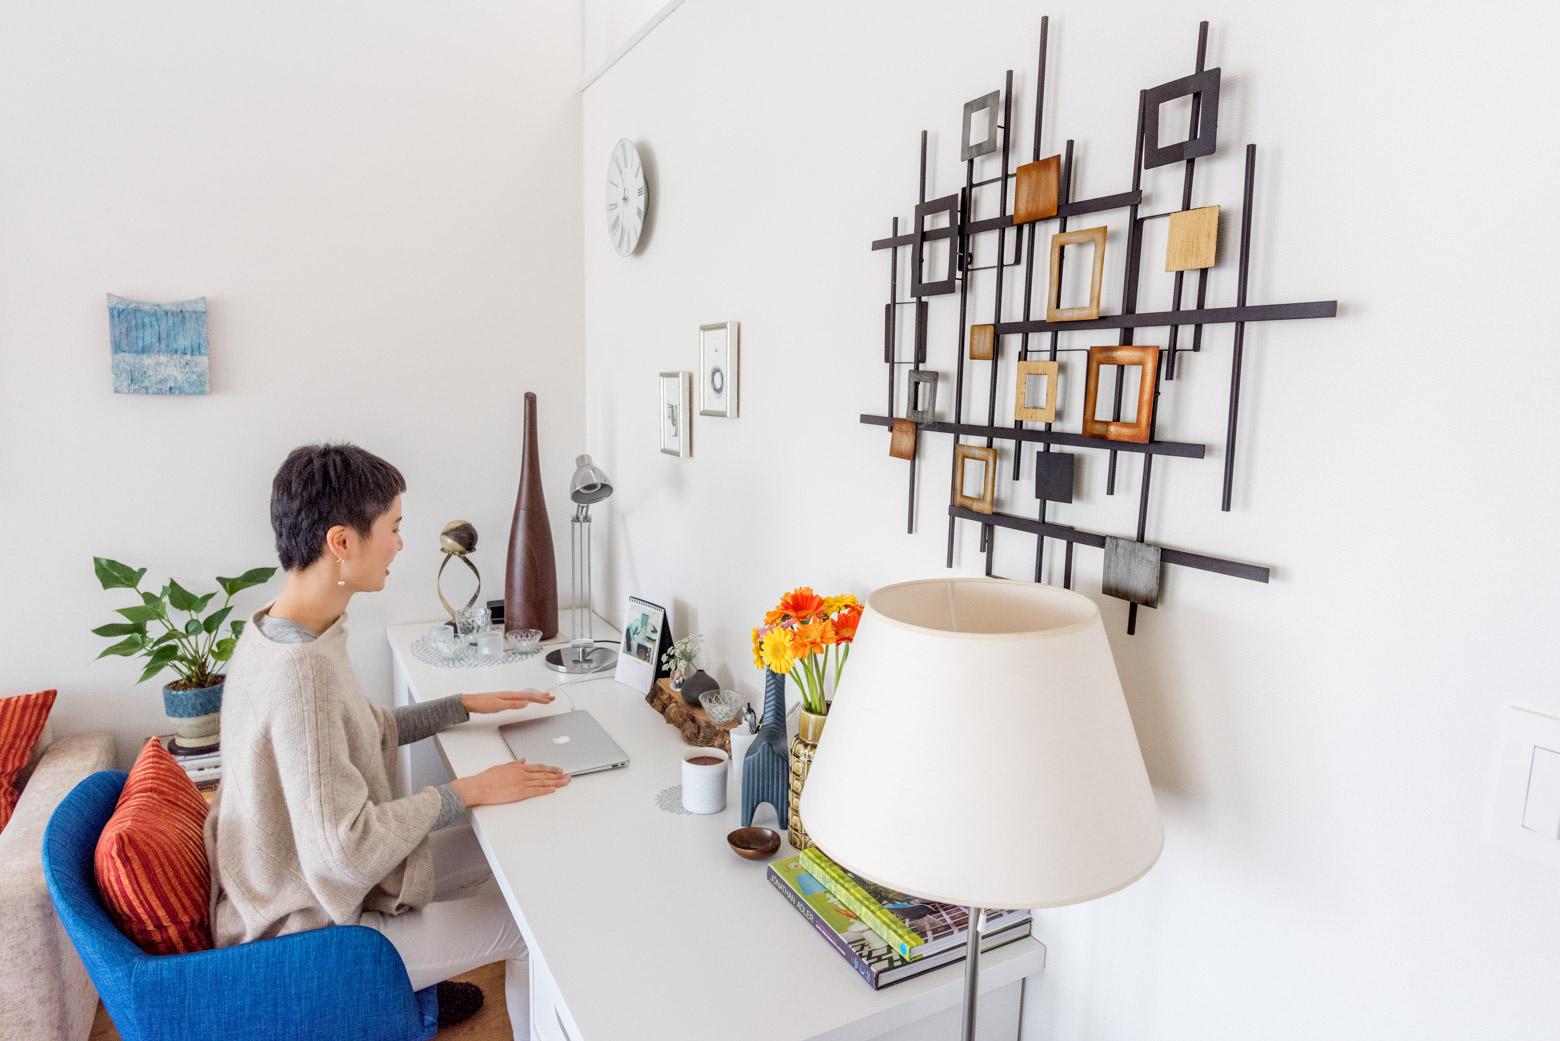 寝室・浴室含め、平面図写真に撮っていない部屋が他にあるのだが、リビングに置かれたこのデスクで仕事をしているという。「前に住んでいた部屋は狭くて仕事場が確保できなくて。いまはほんとうに満足してます」とのこと。それにしてもすてきなデスクトップ! 見習いたい